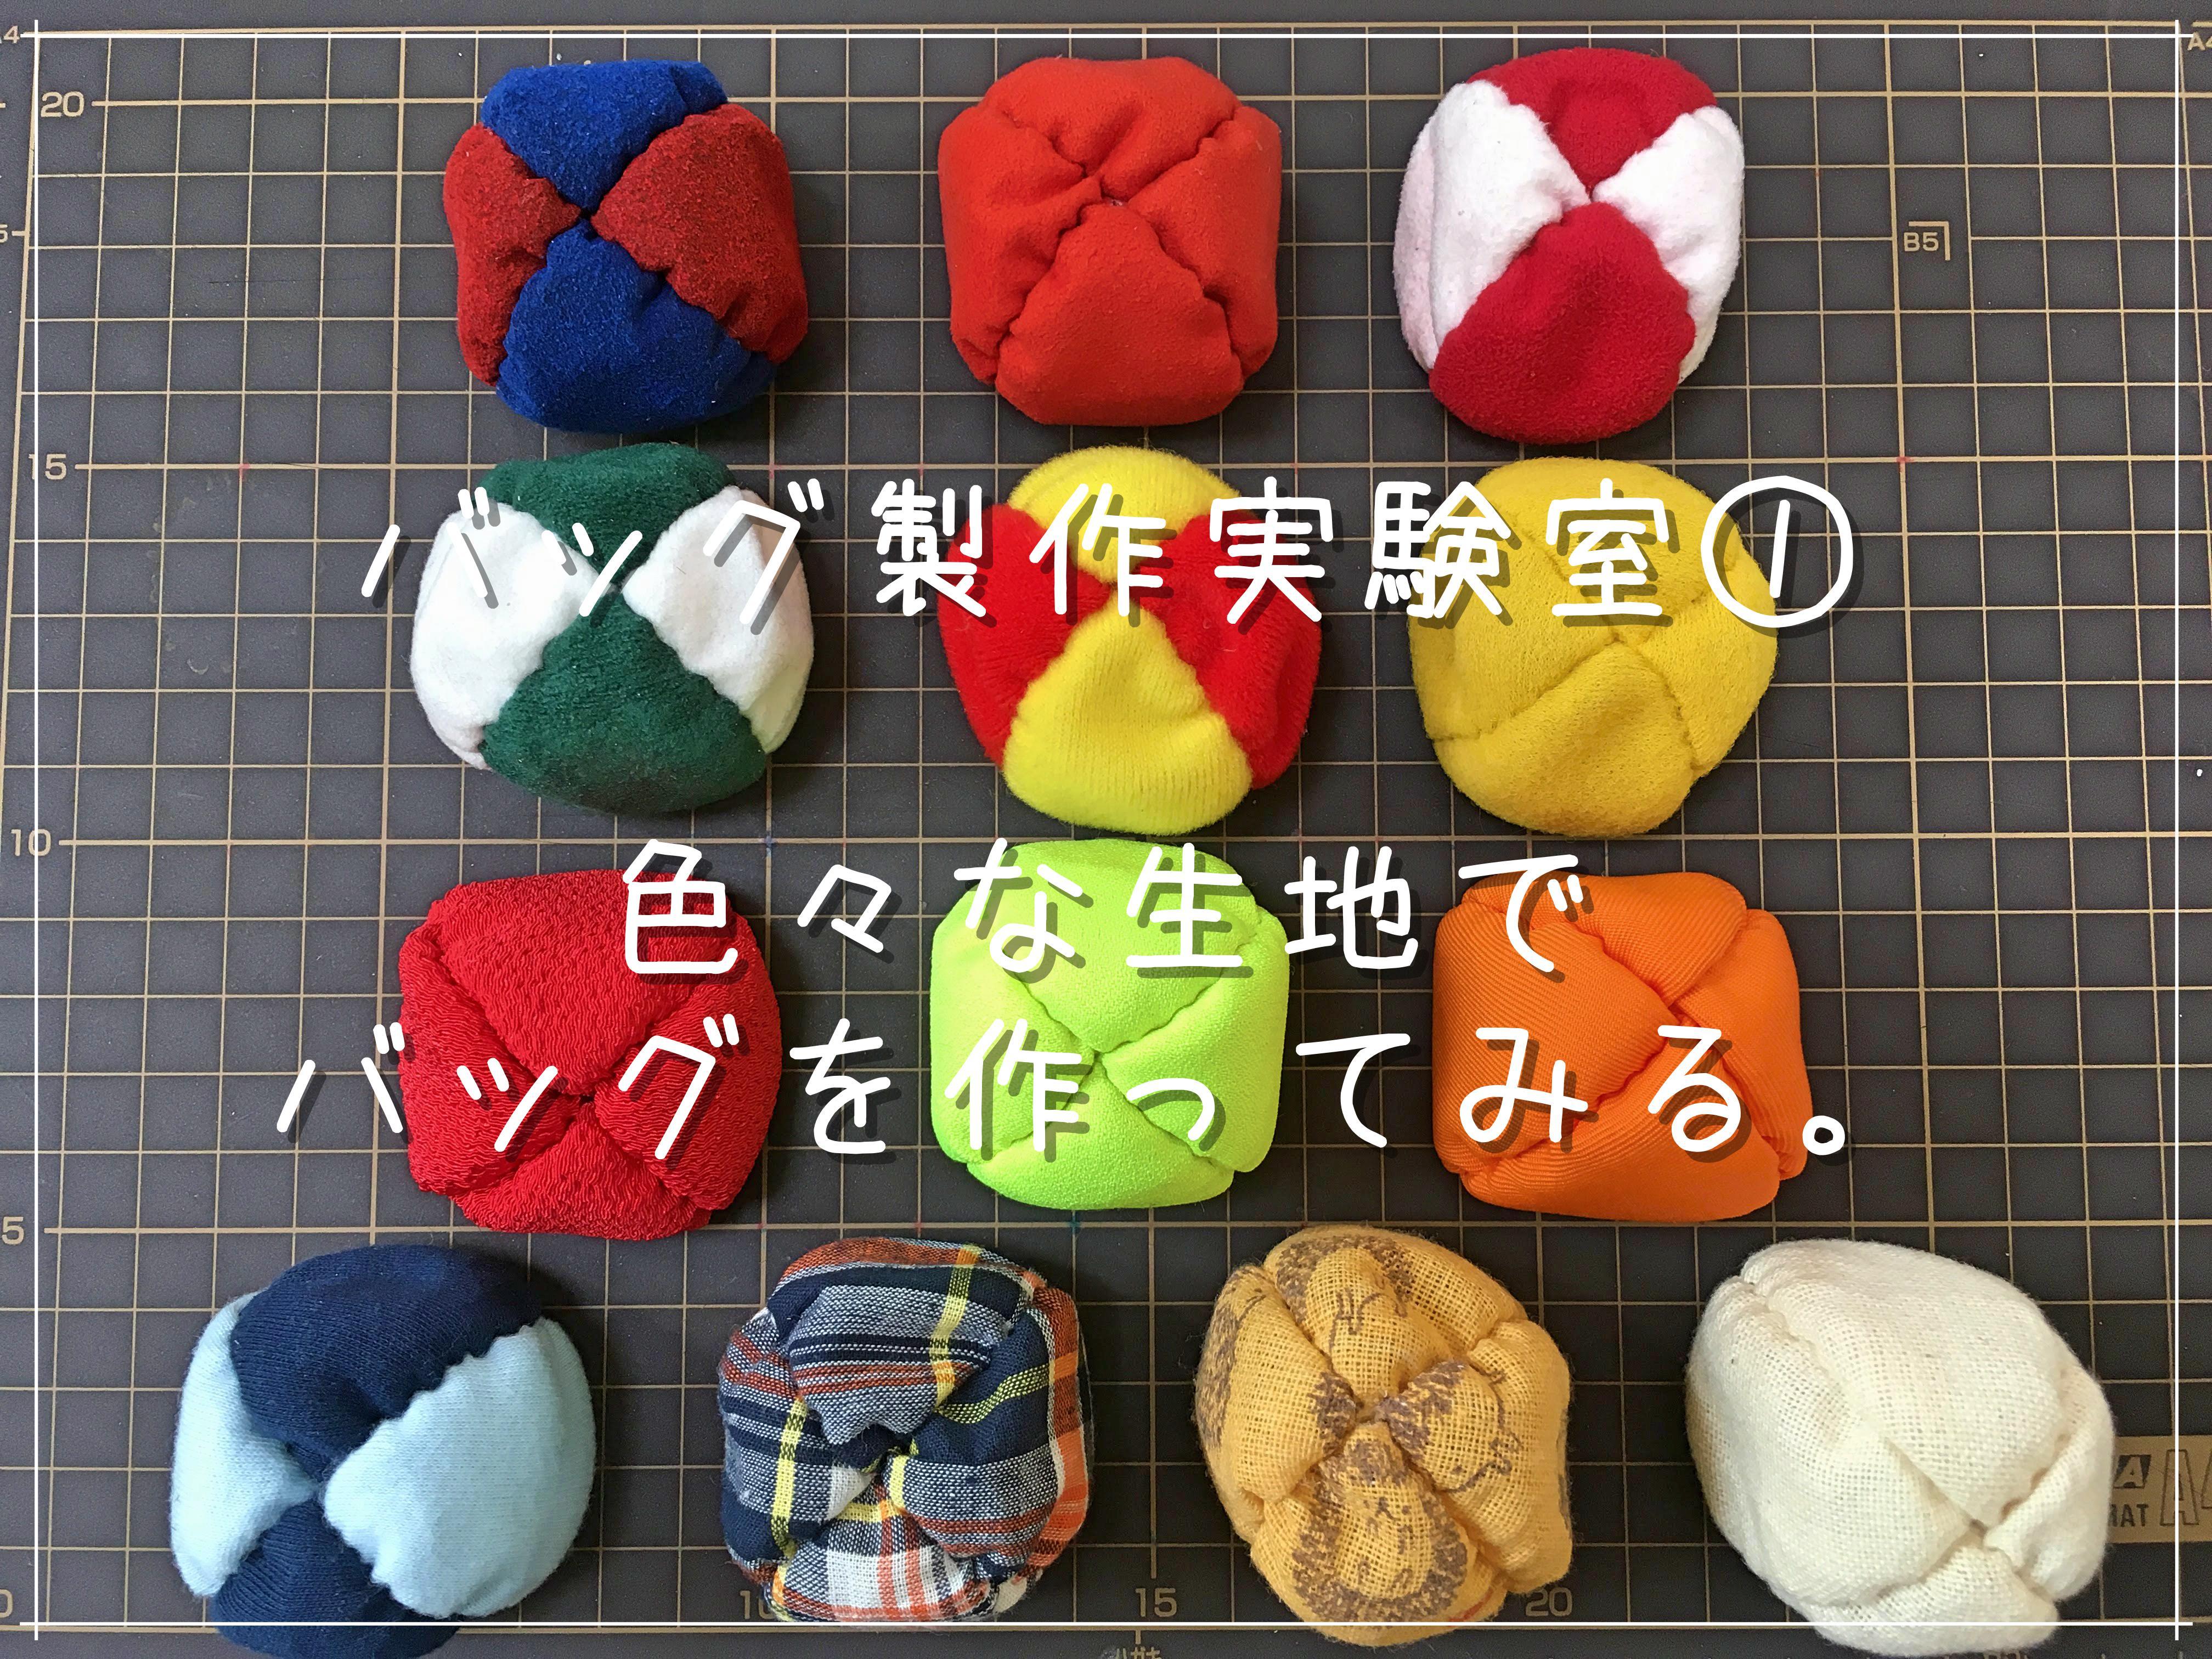 バッグ製作実験室① 色々な生地でバッグを作ってみる。